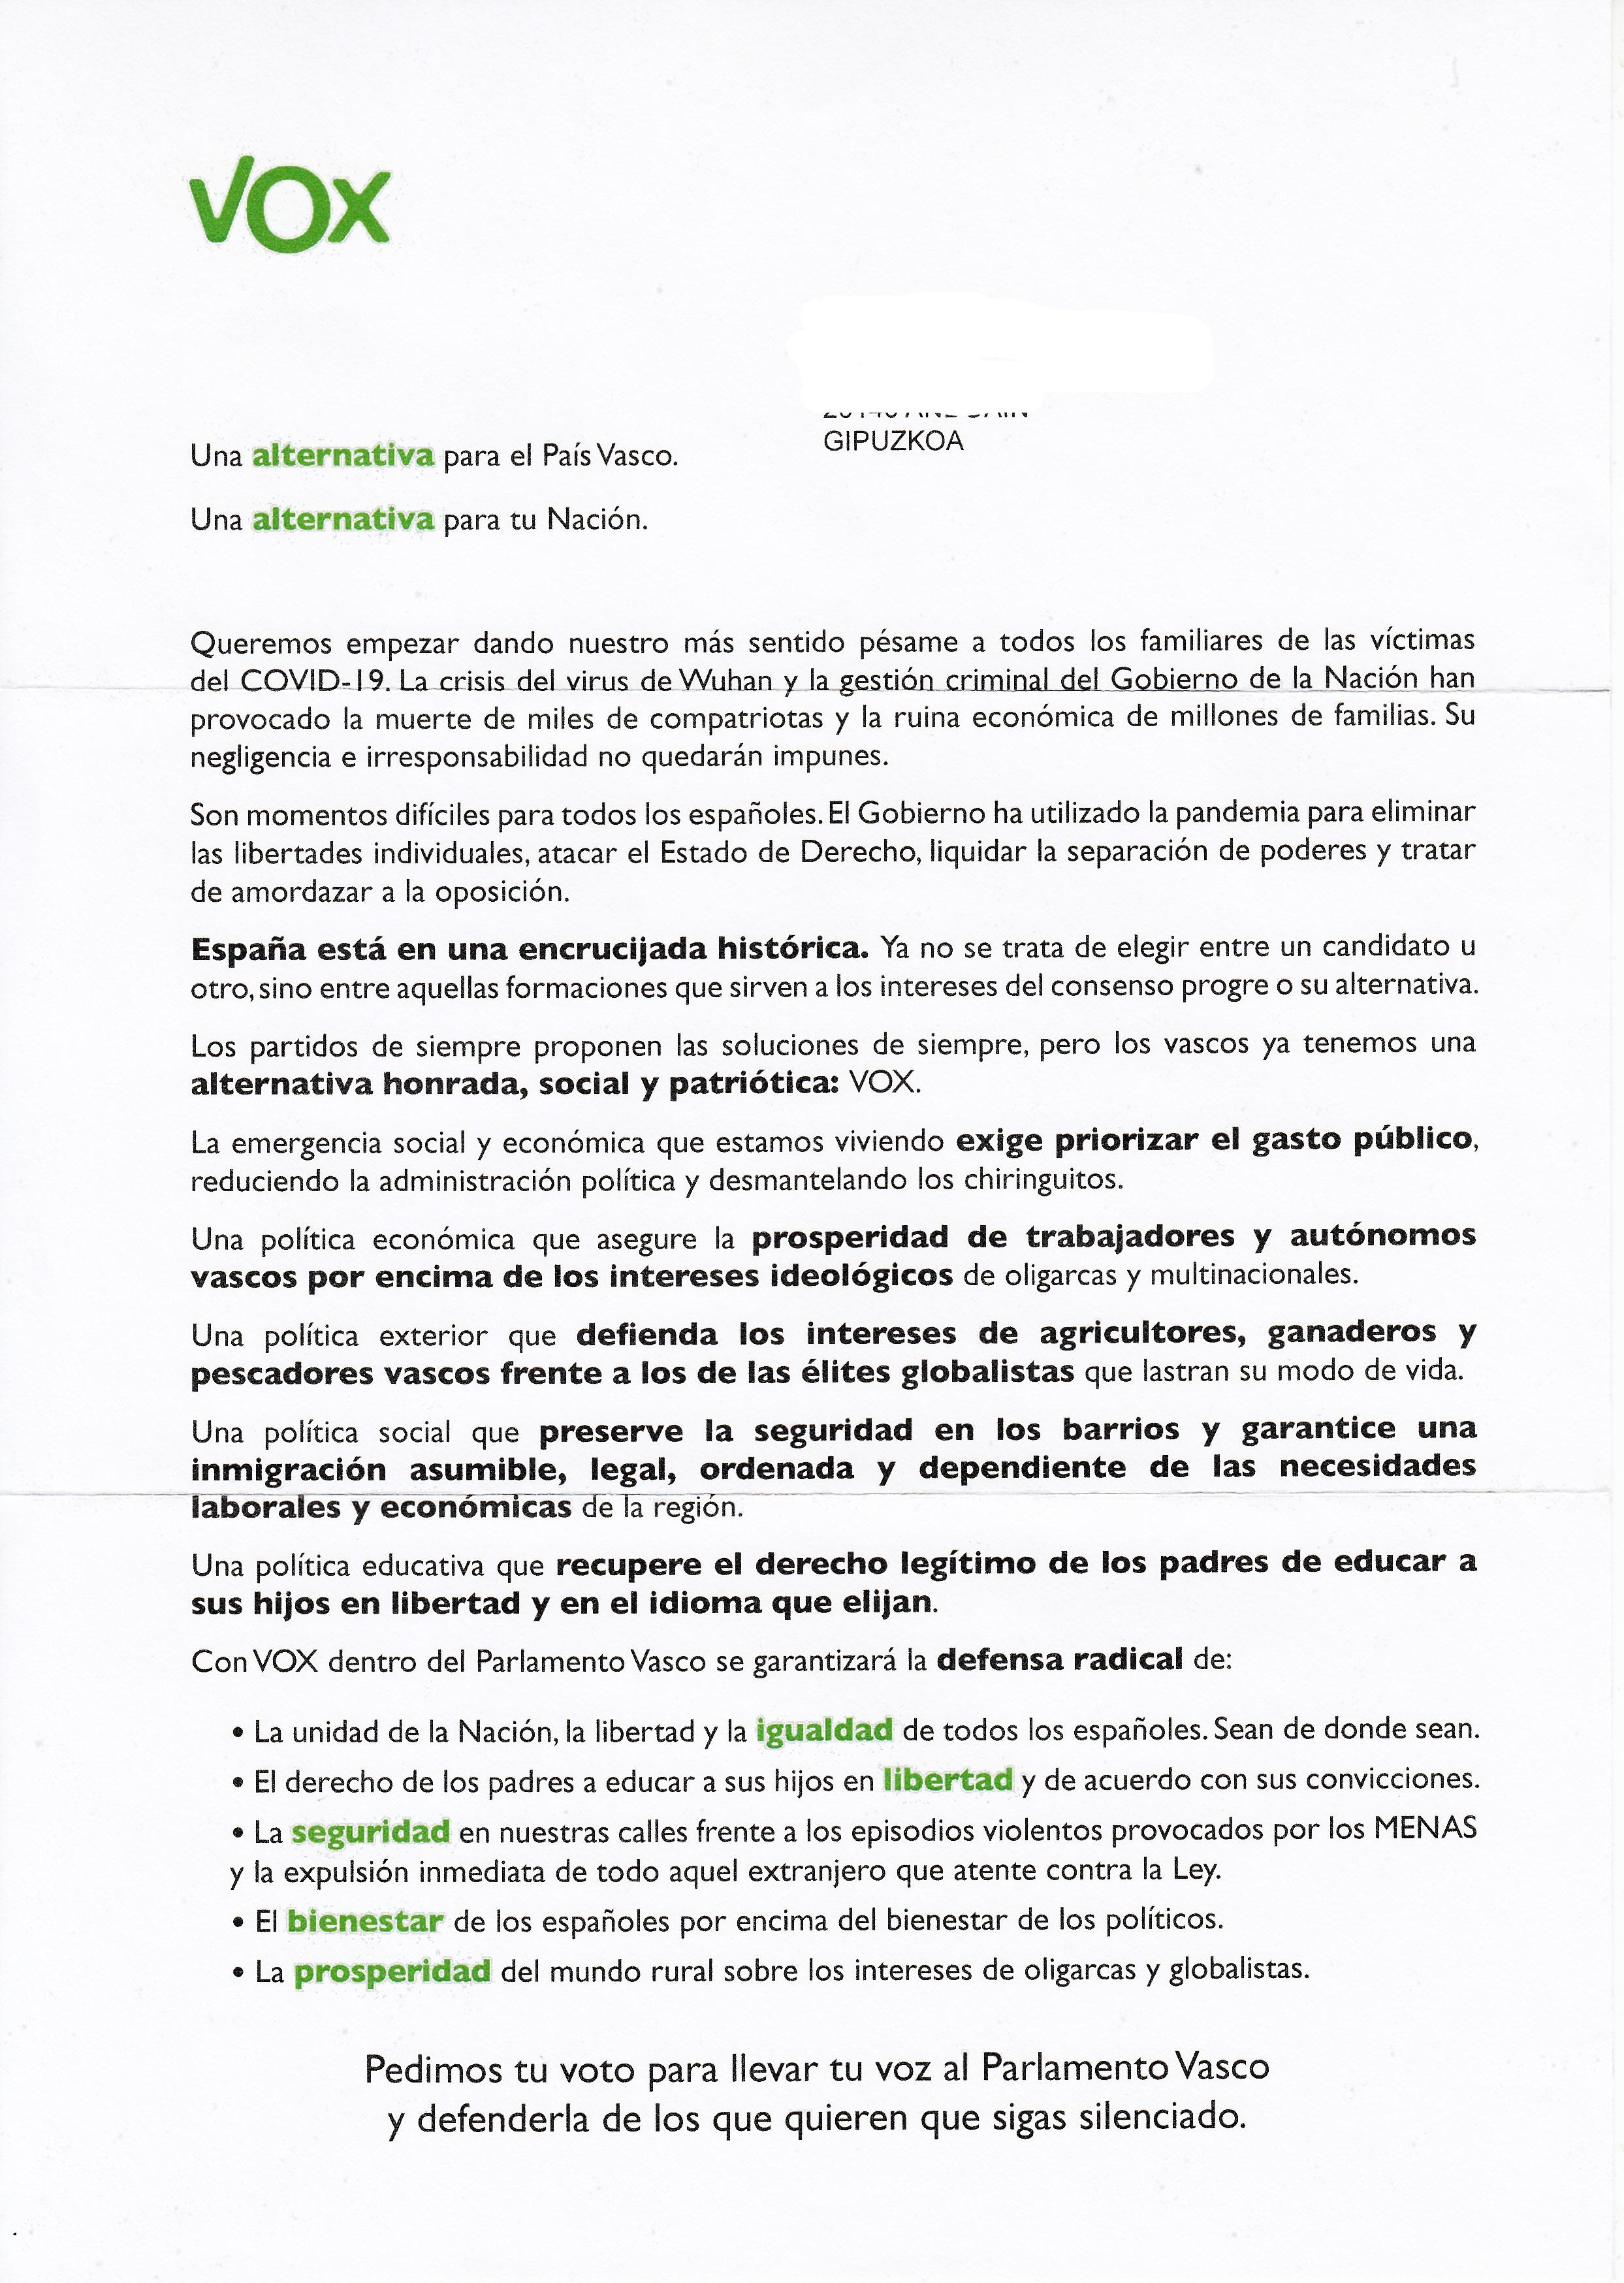 Vox_2020_basco_0004_LI